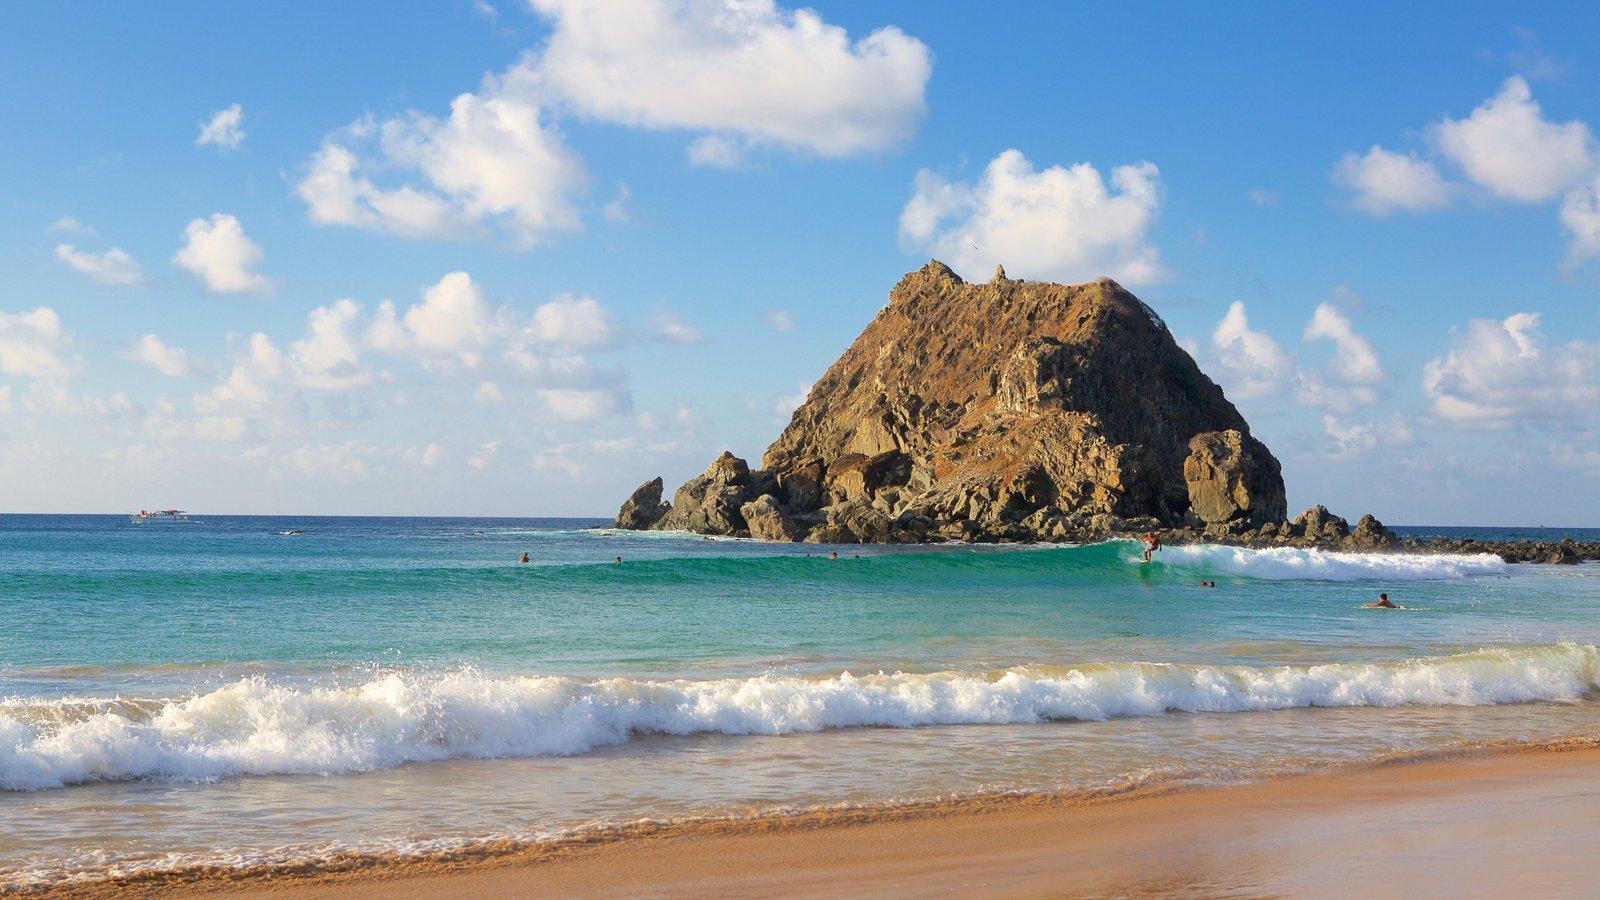 Praia da Conceição caracterizando surfe, uma praia de areia e paisagens litorâneas